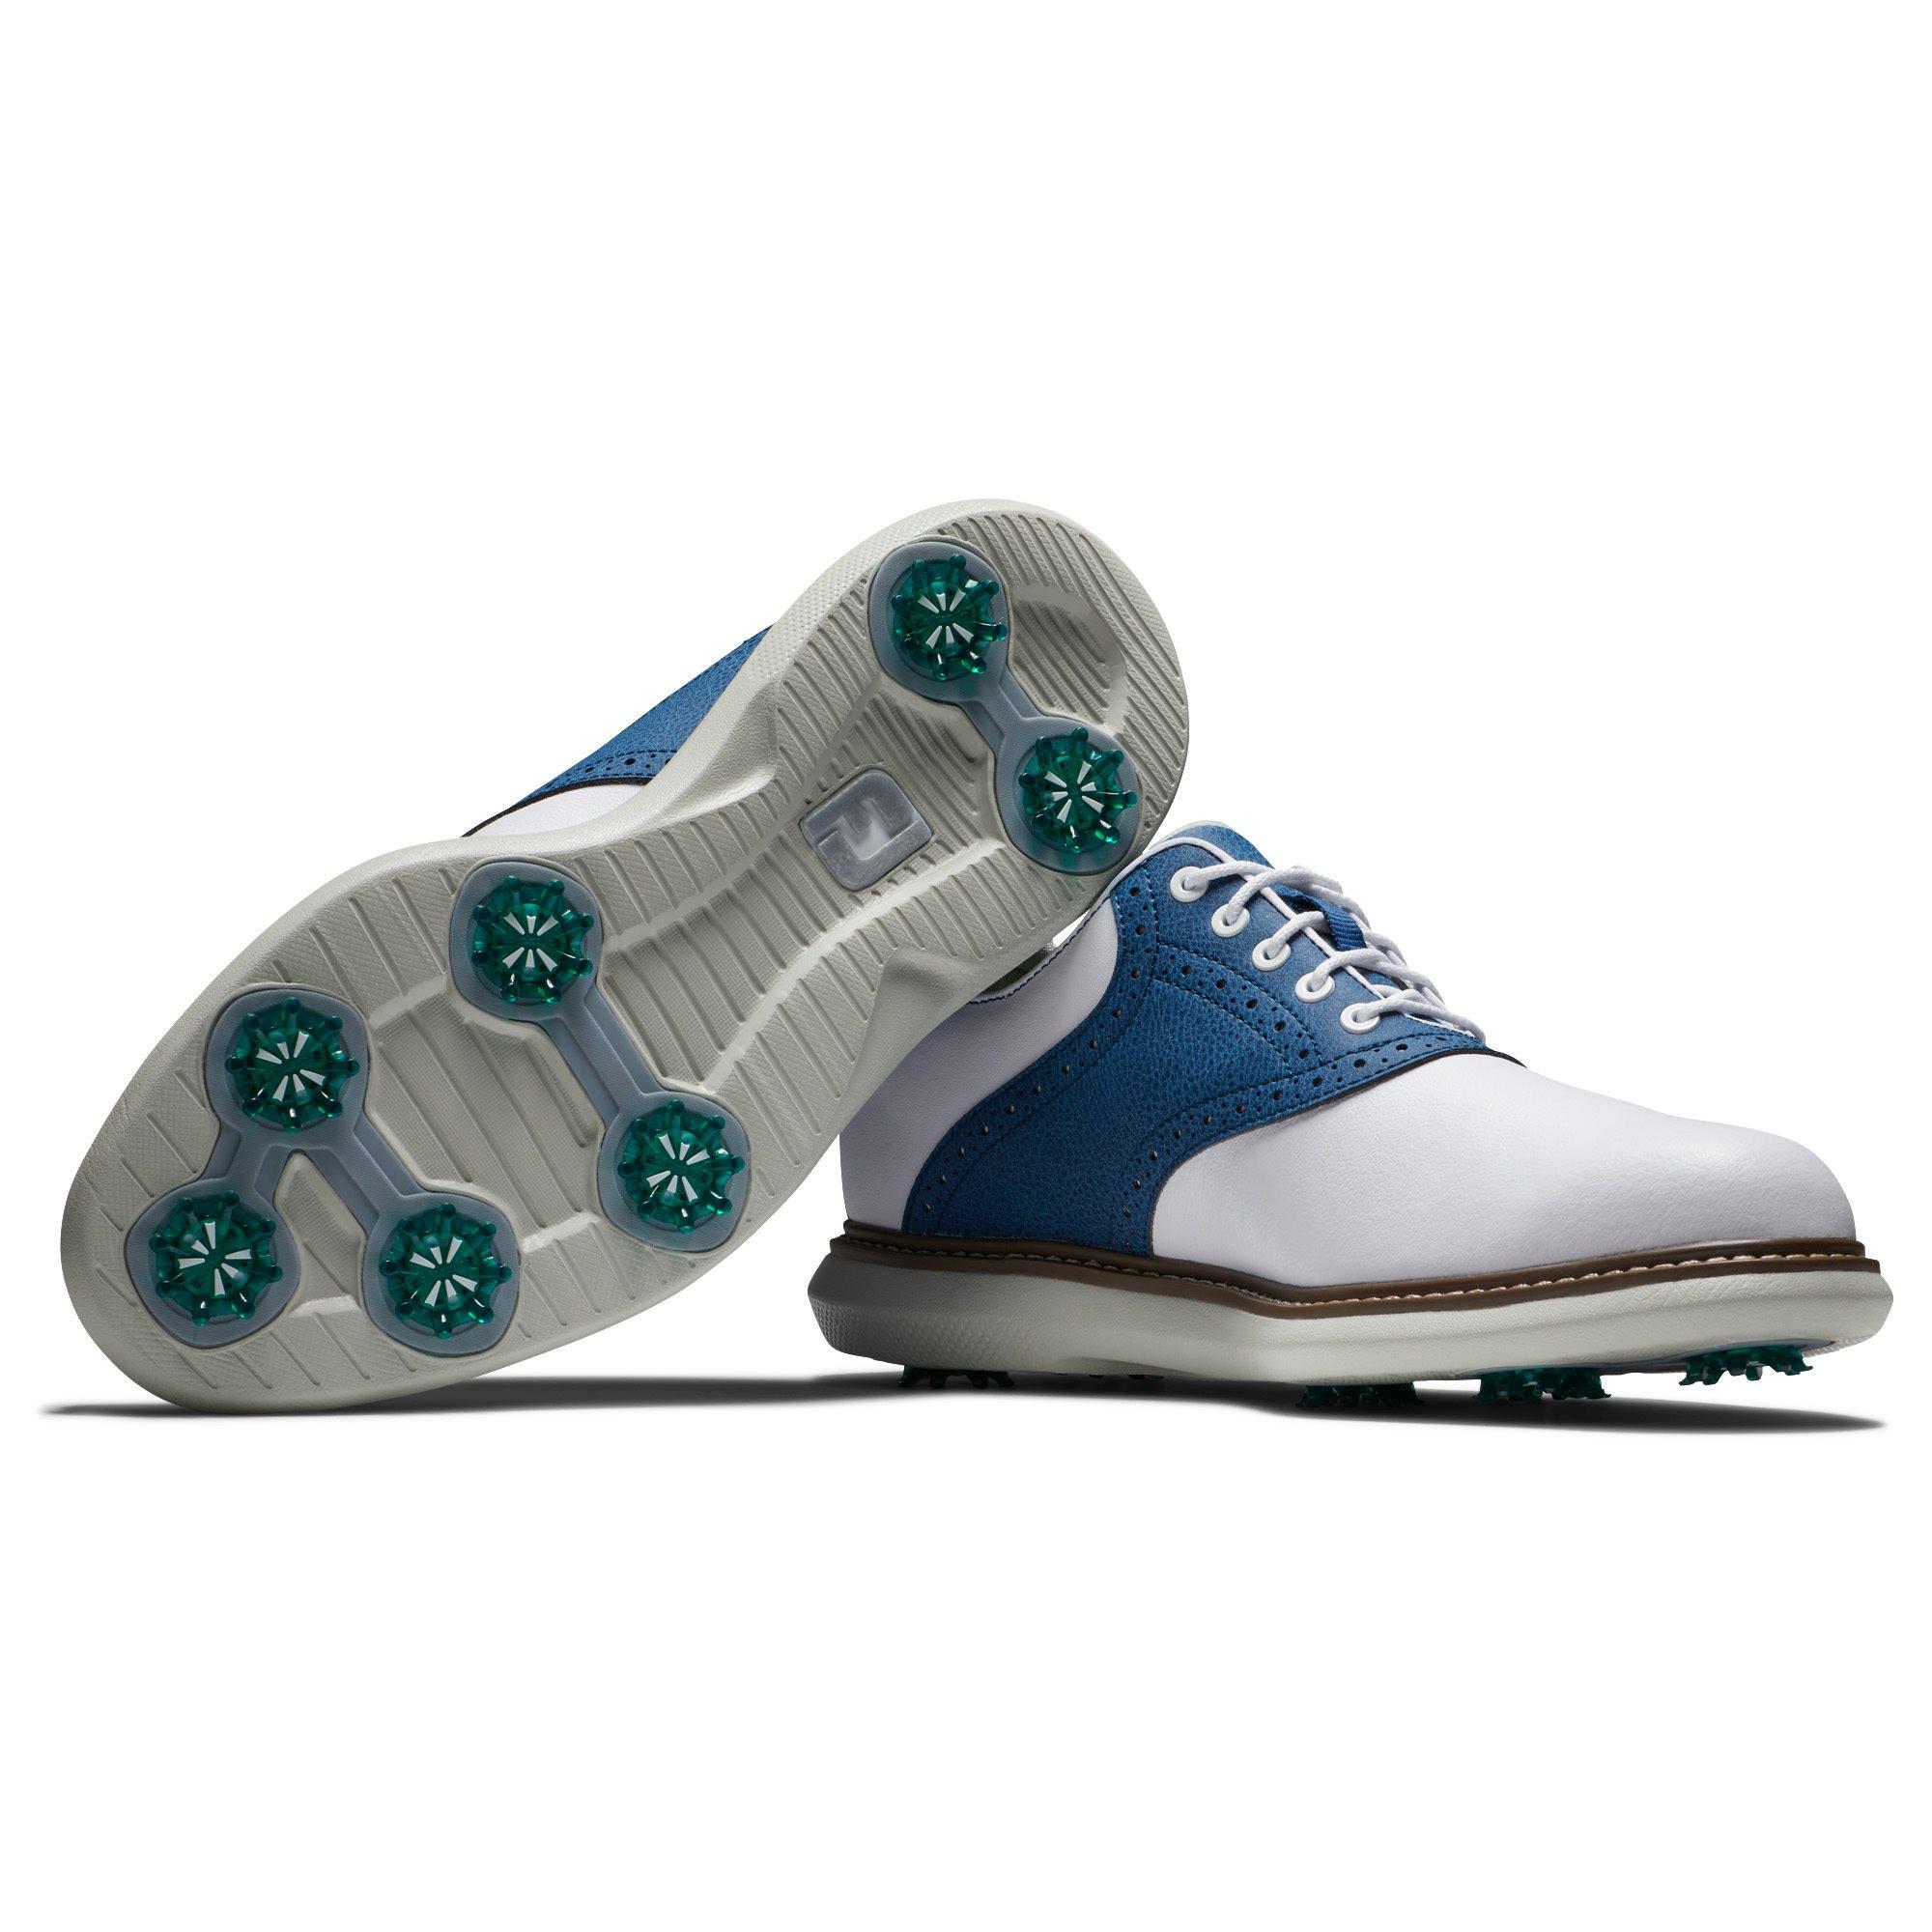 FootJoy heren golfschoenen Traditions wit-blauw